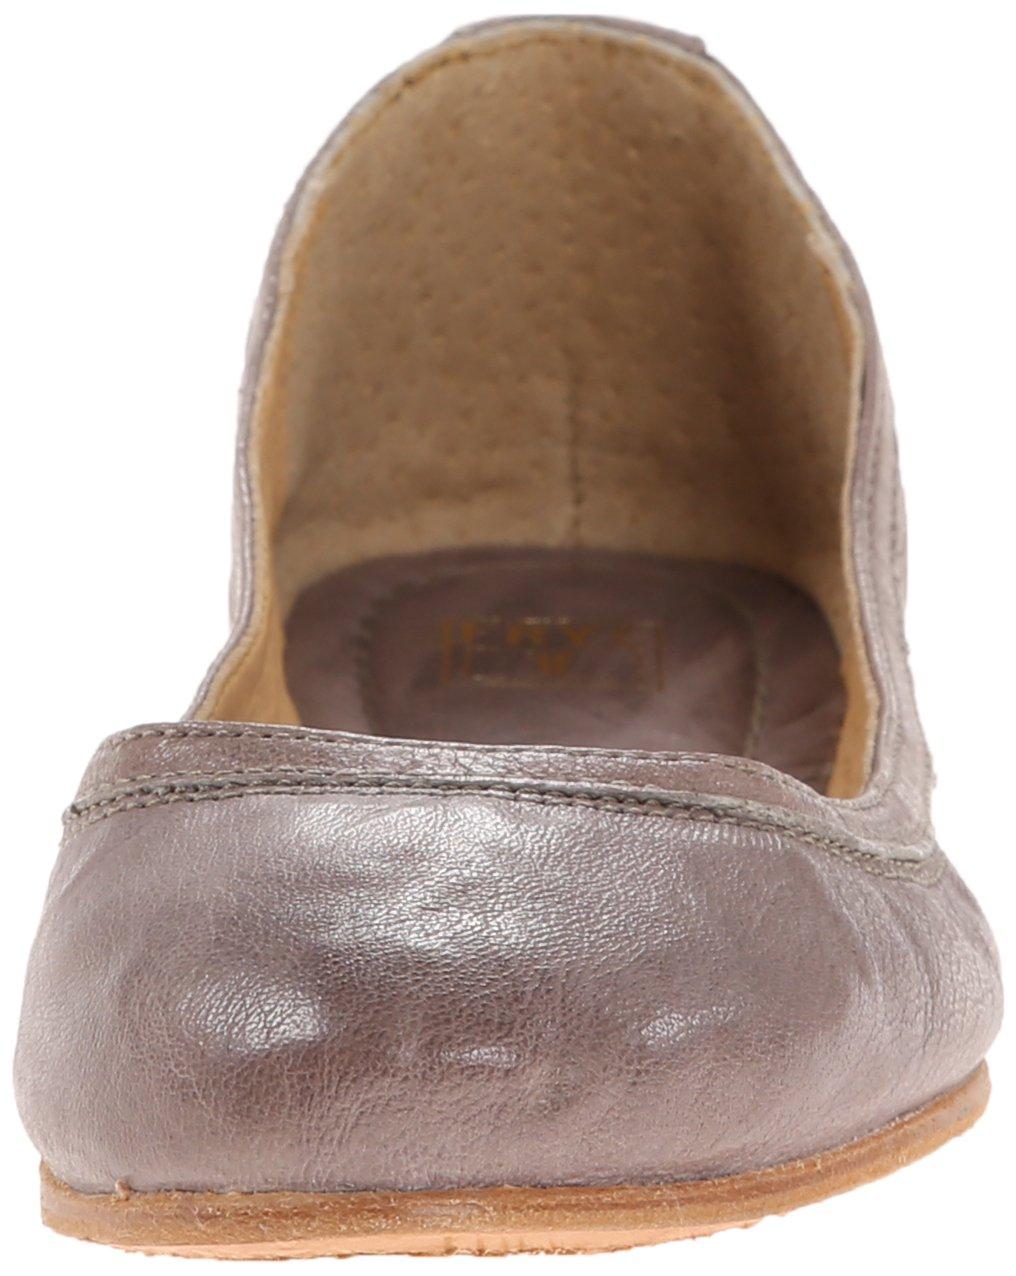 FRYE Women's Carson Ballet Flat B00KY5N2WE 6 B(M) US|Grey-72126